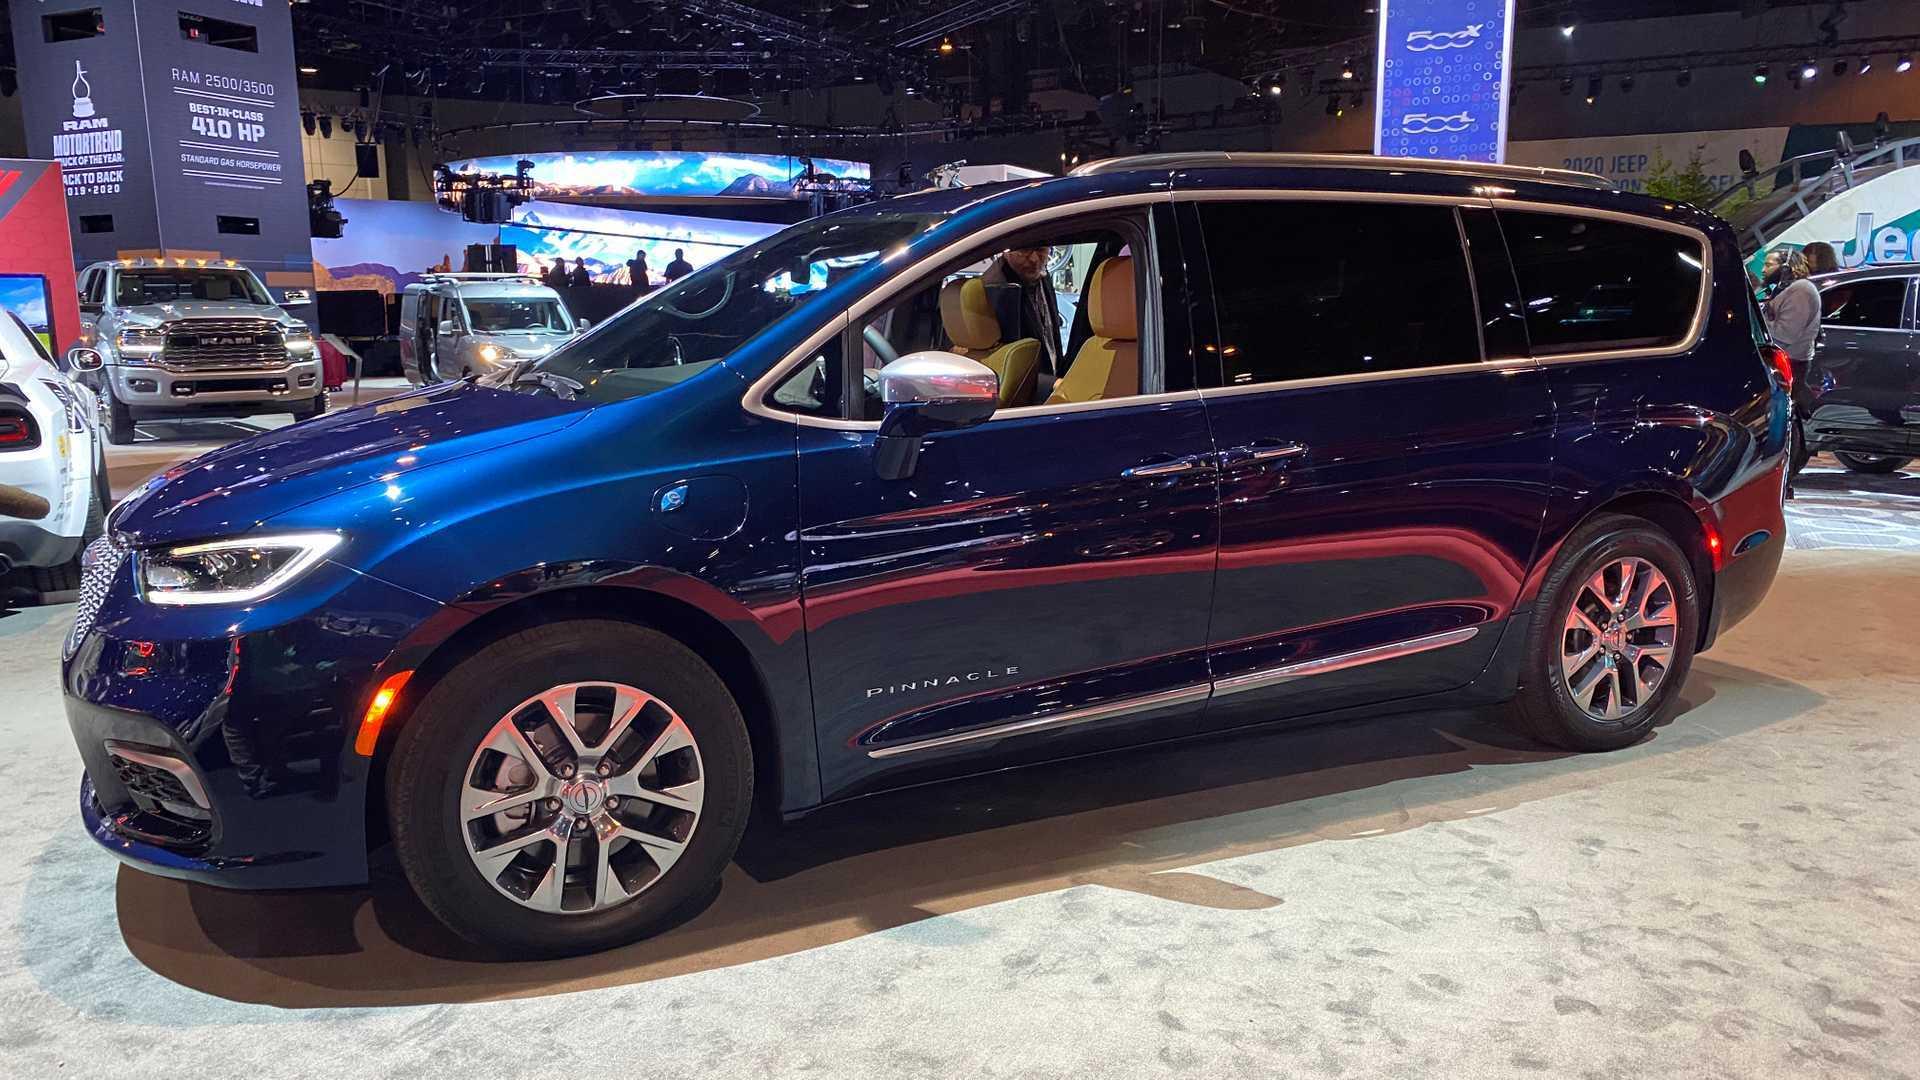 Новый Chrysler Pacifica Pinnacle уже предлагается со скидкой 5000 долларов